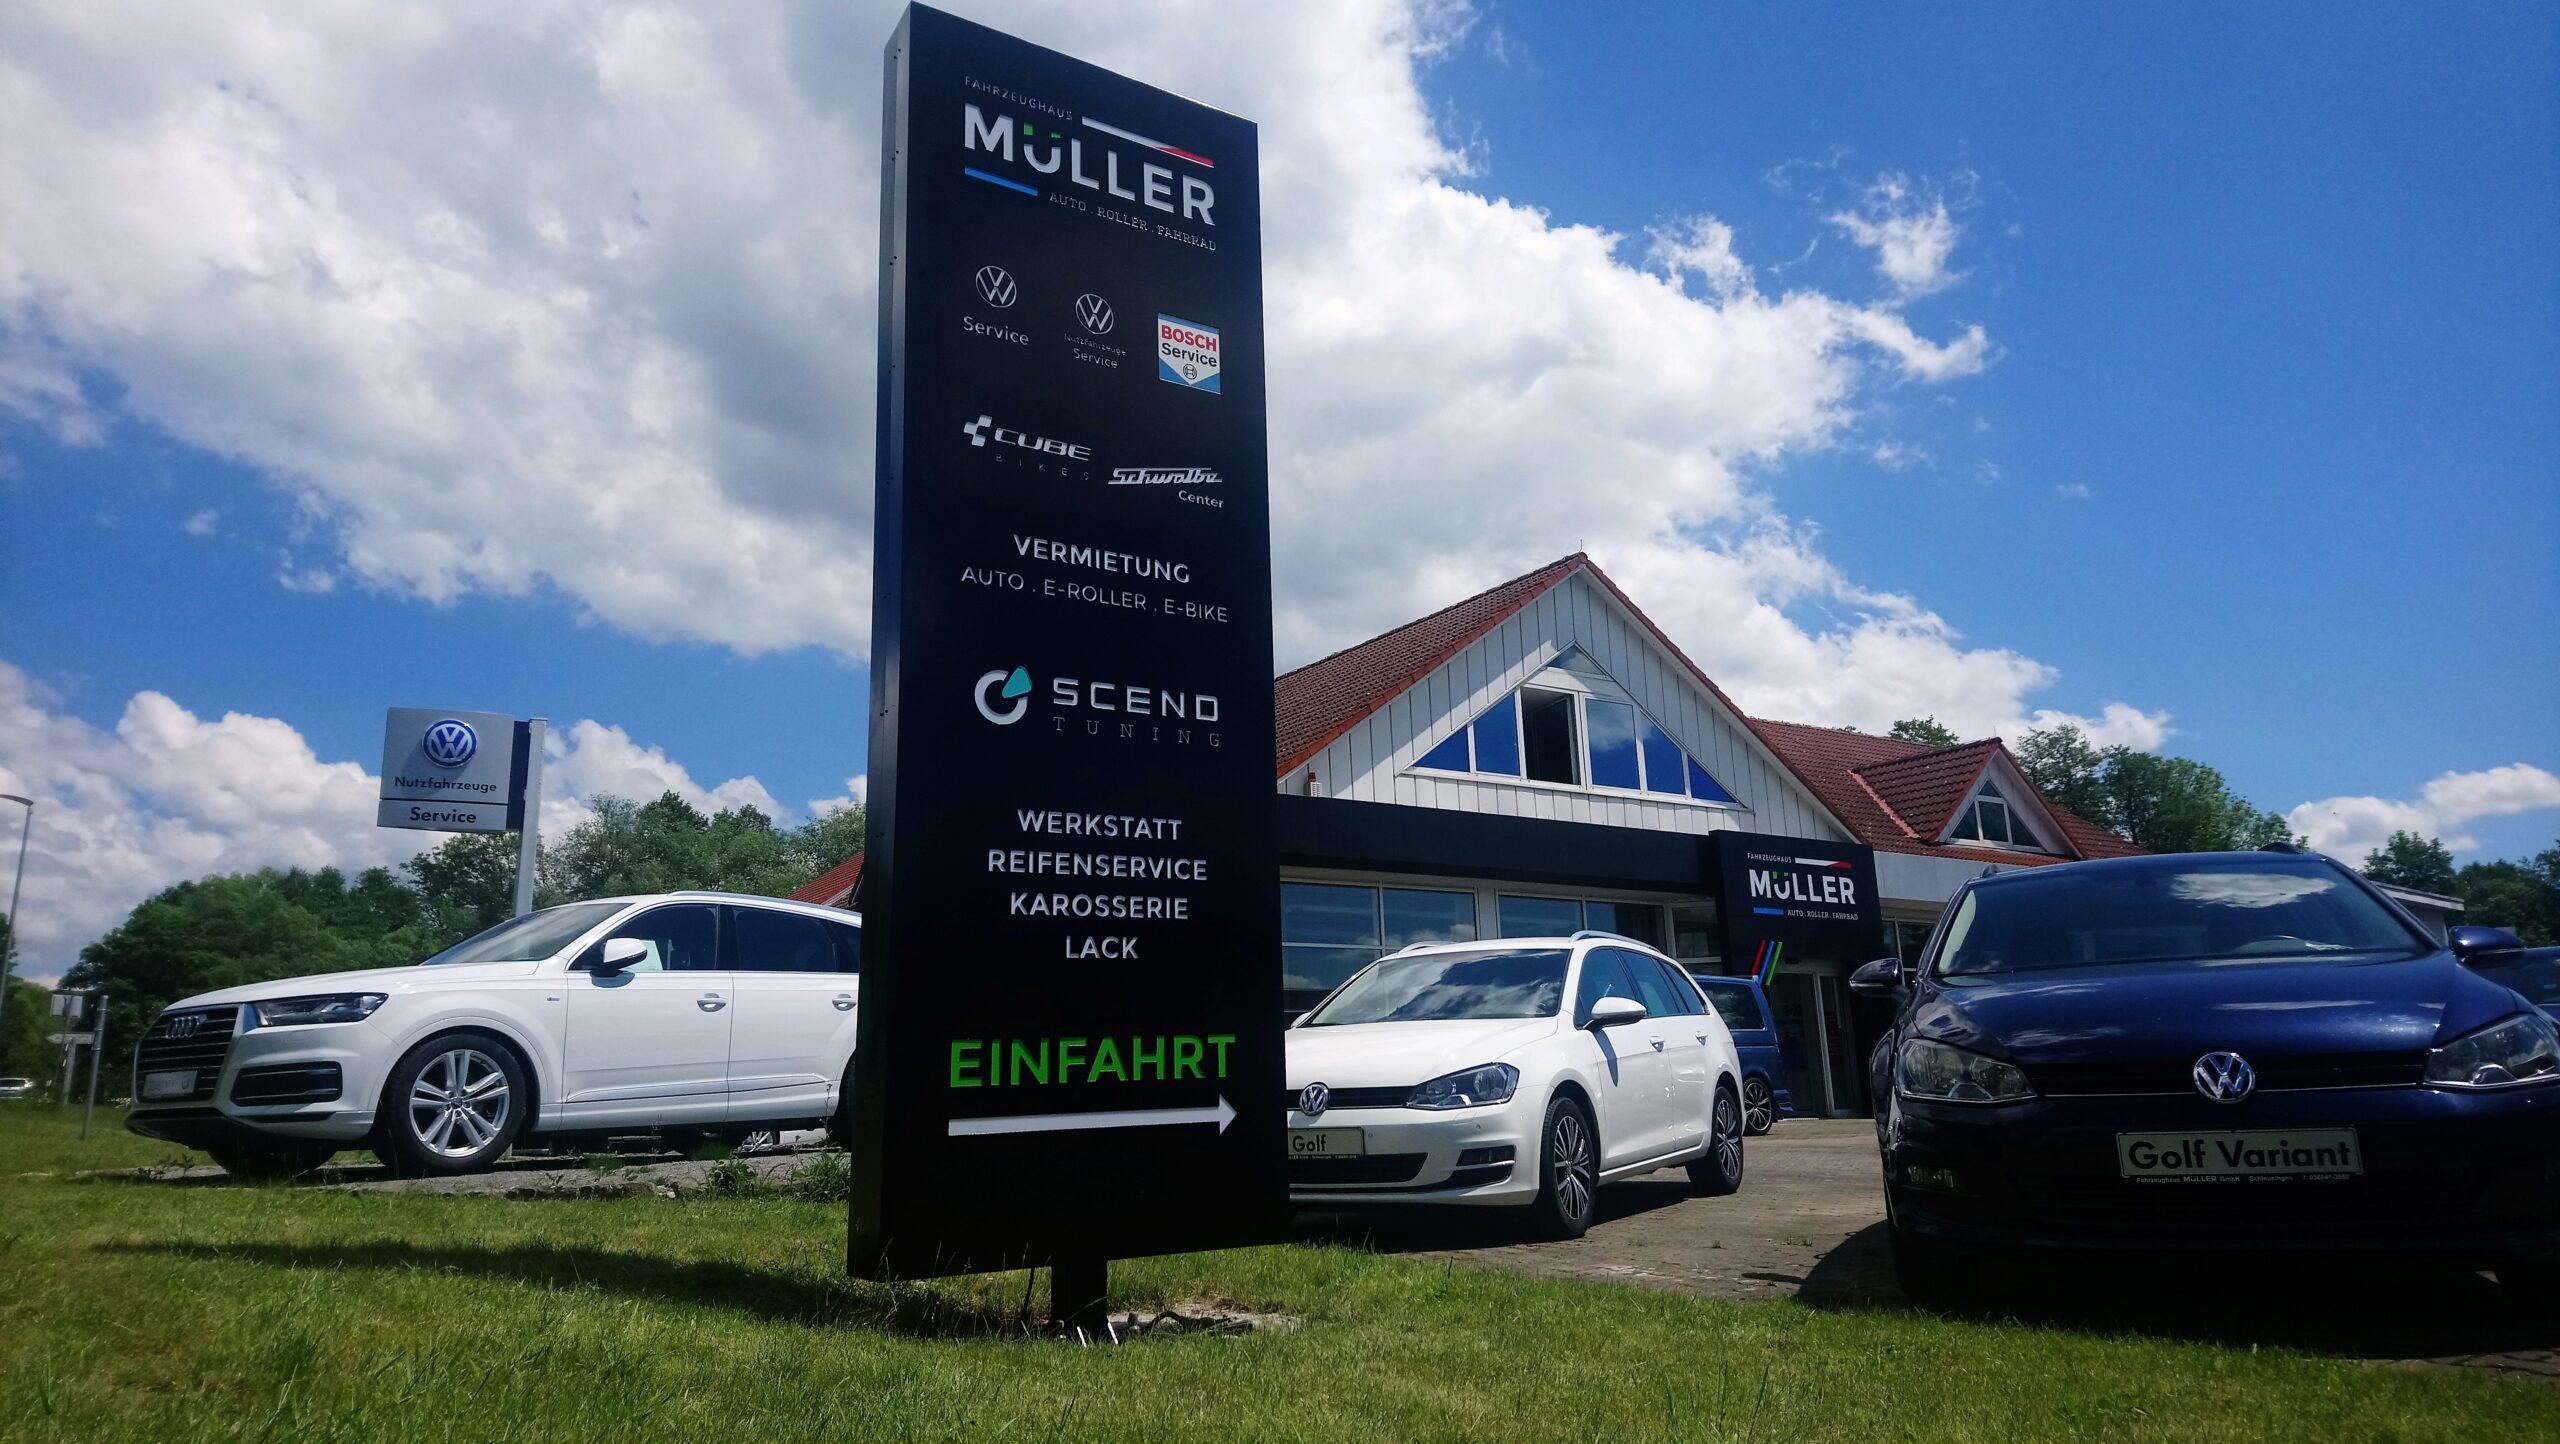 Außenansicht Fahrzeughaus Müller mit Fahrzeugen und Gebäudeansicht